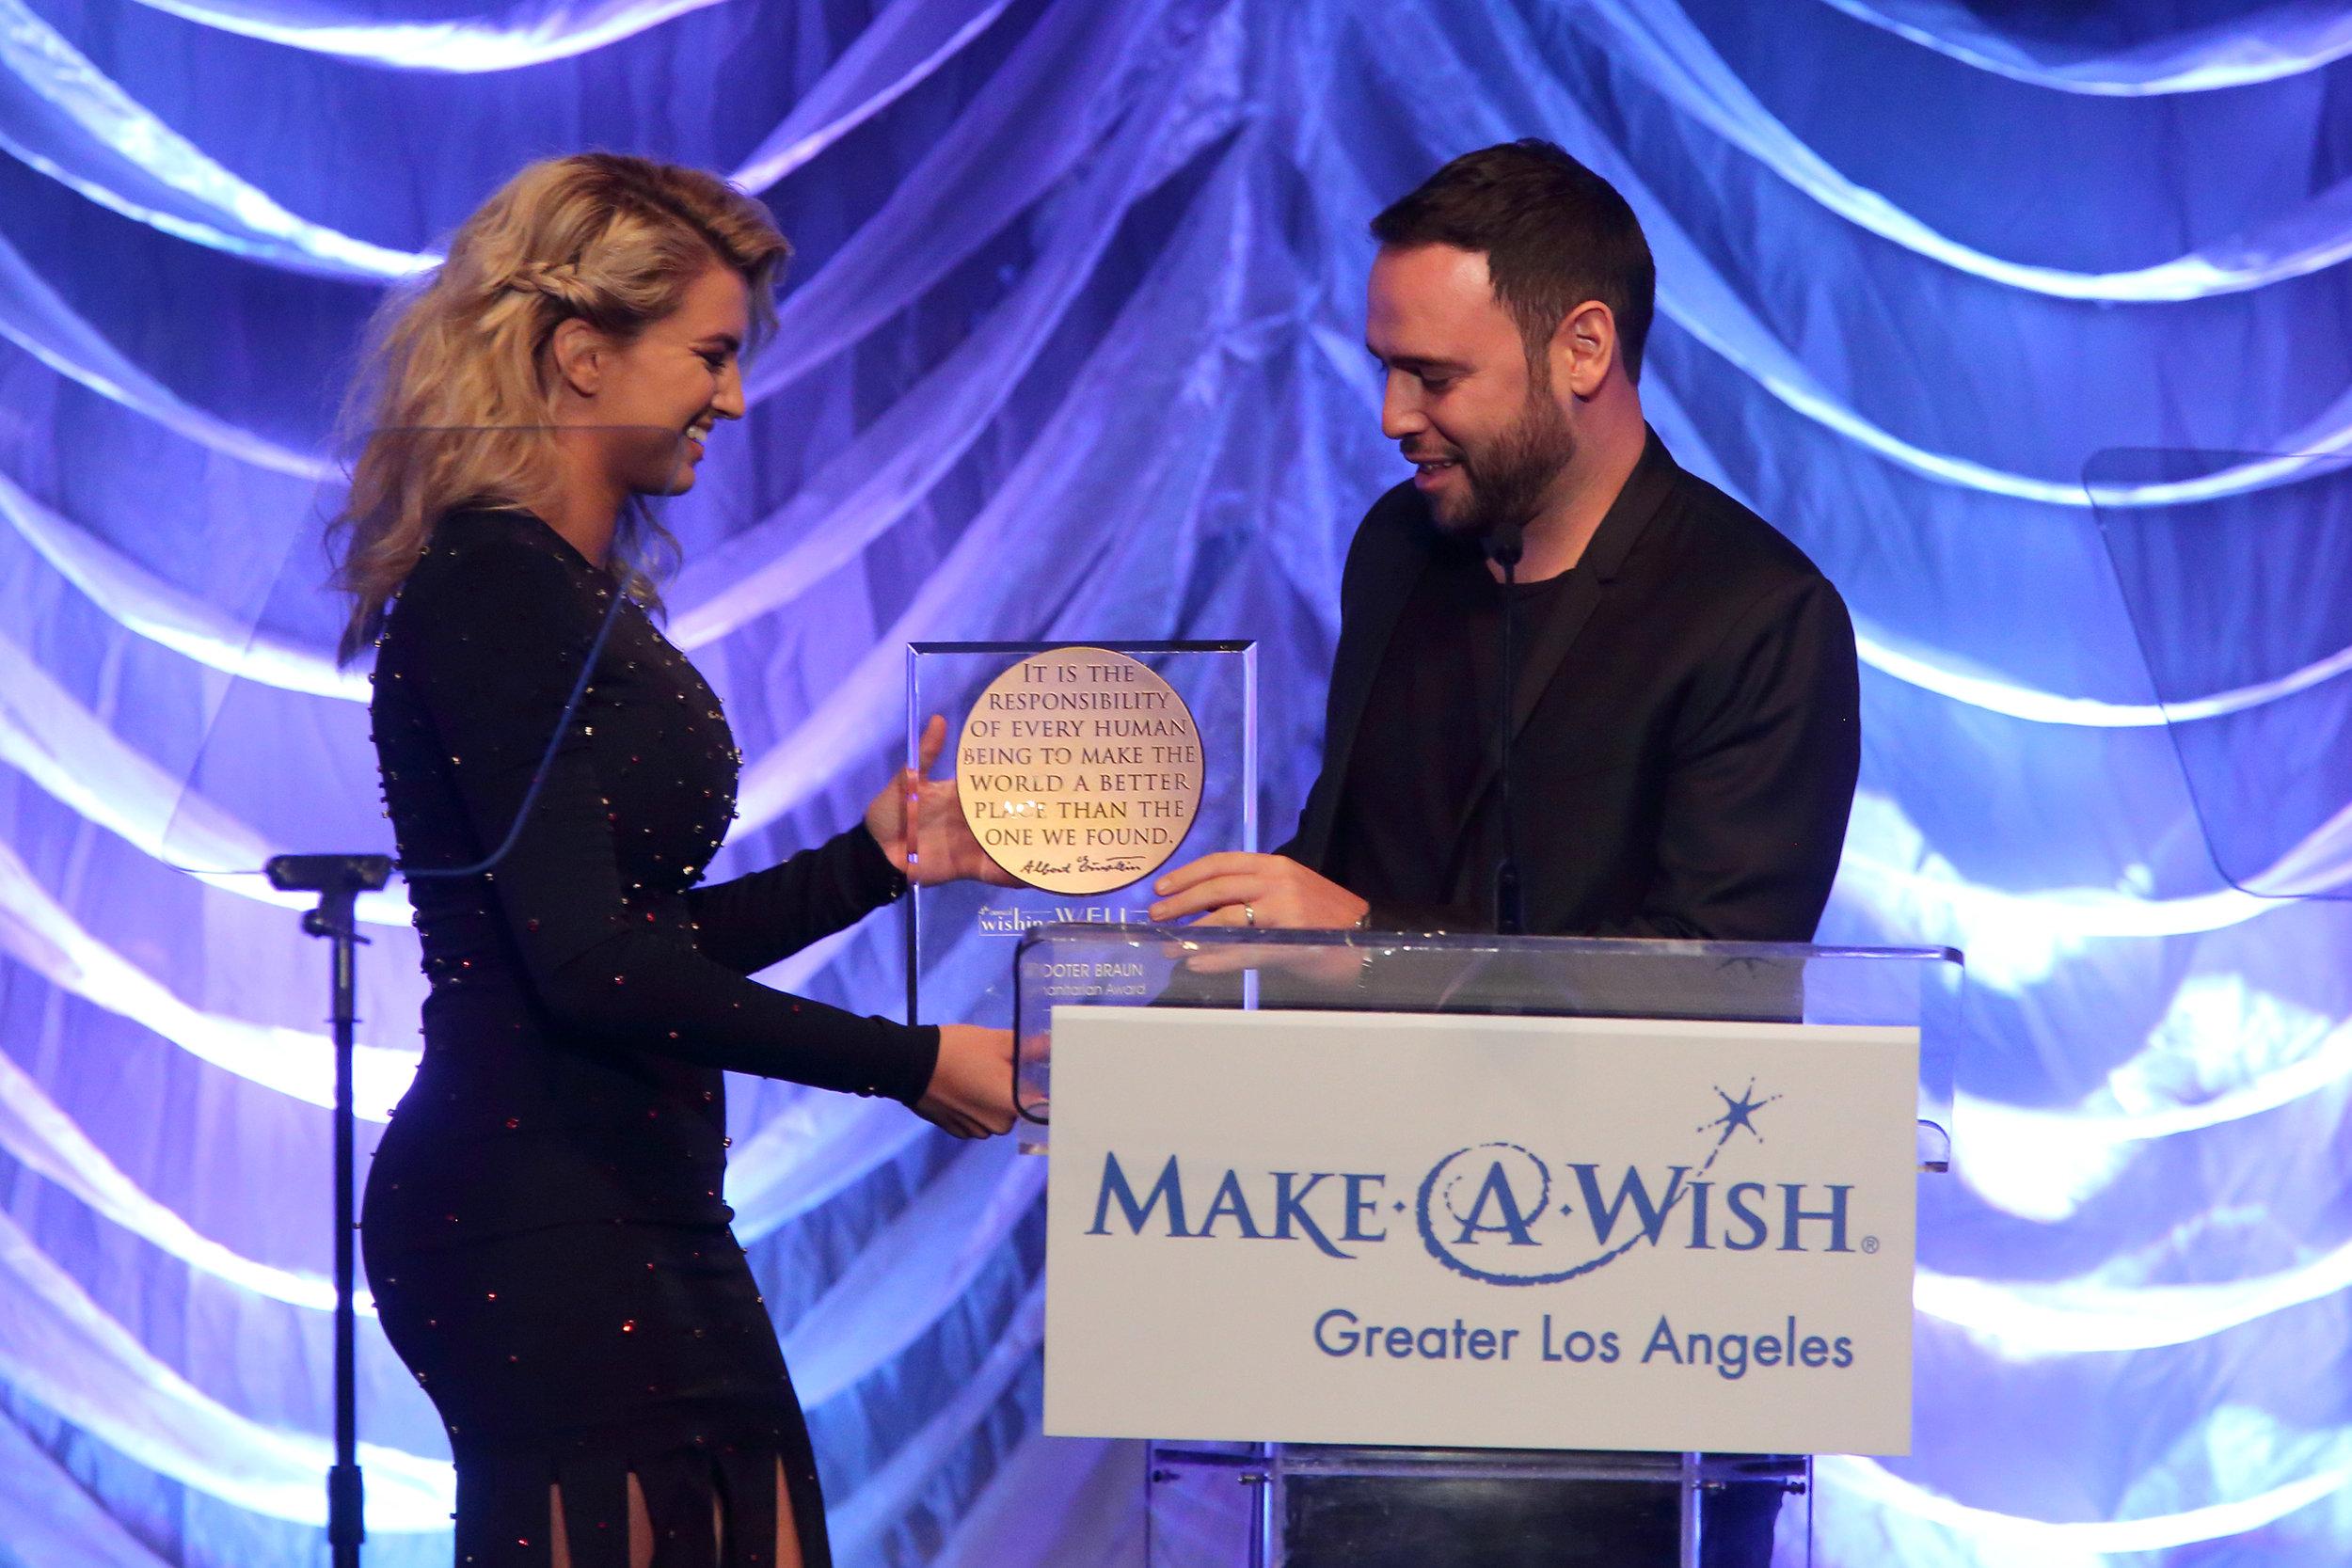 Tori Kelly presents manager Scooter Braun with Humanitarian Award at Make-A-Wish LA Gala